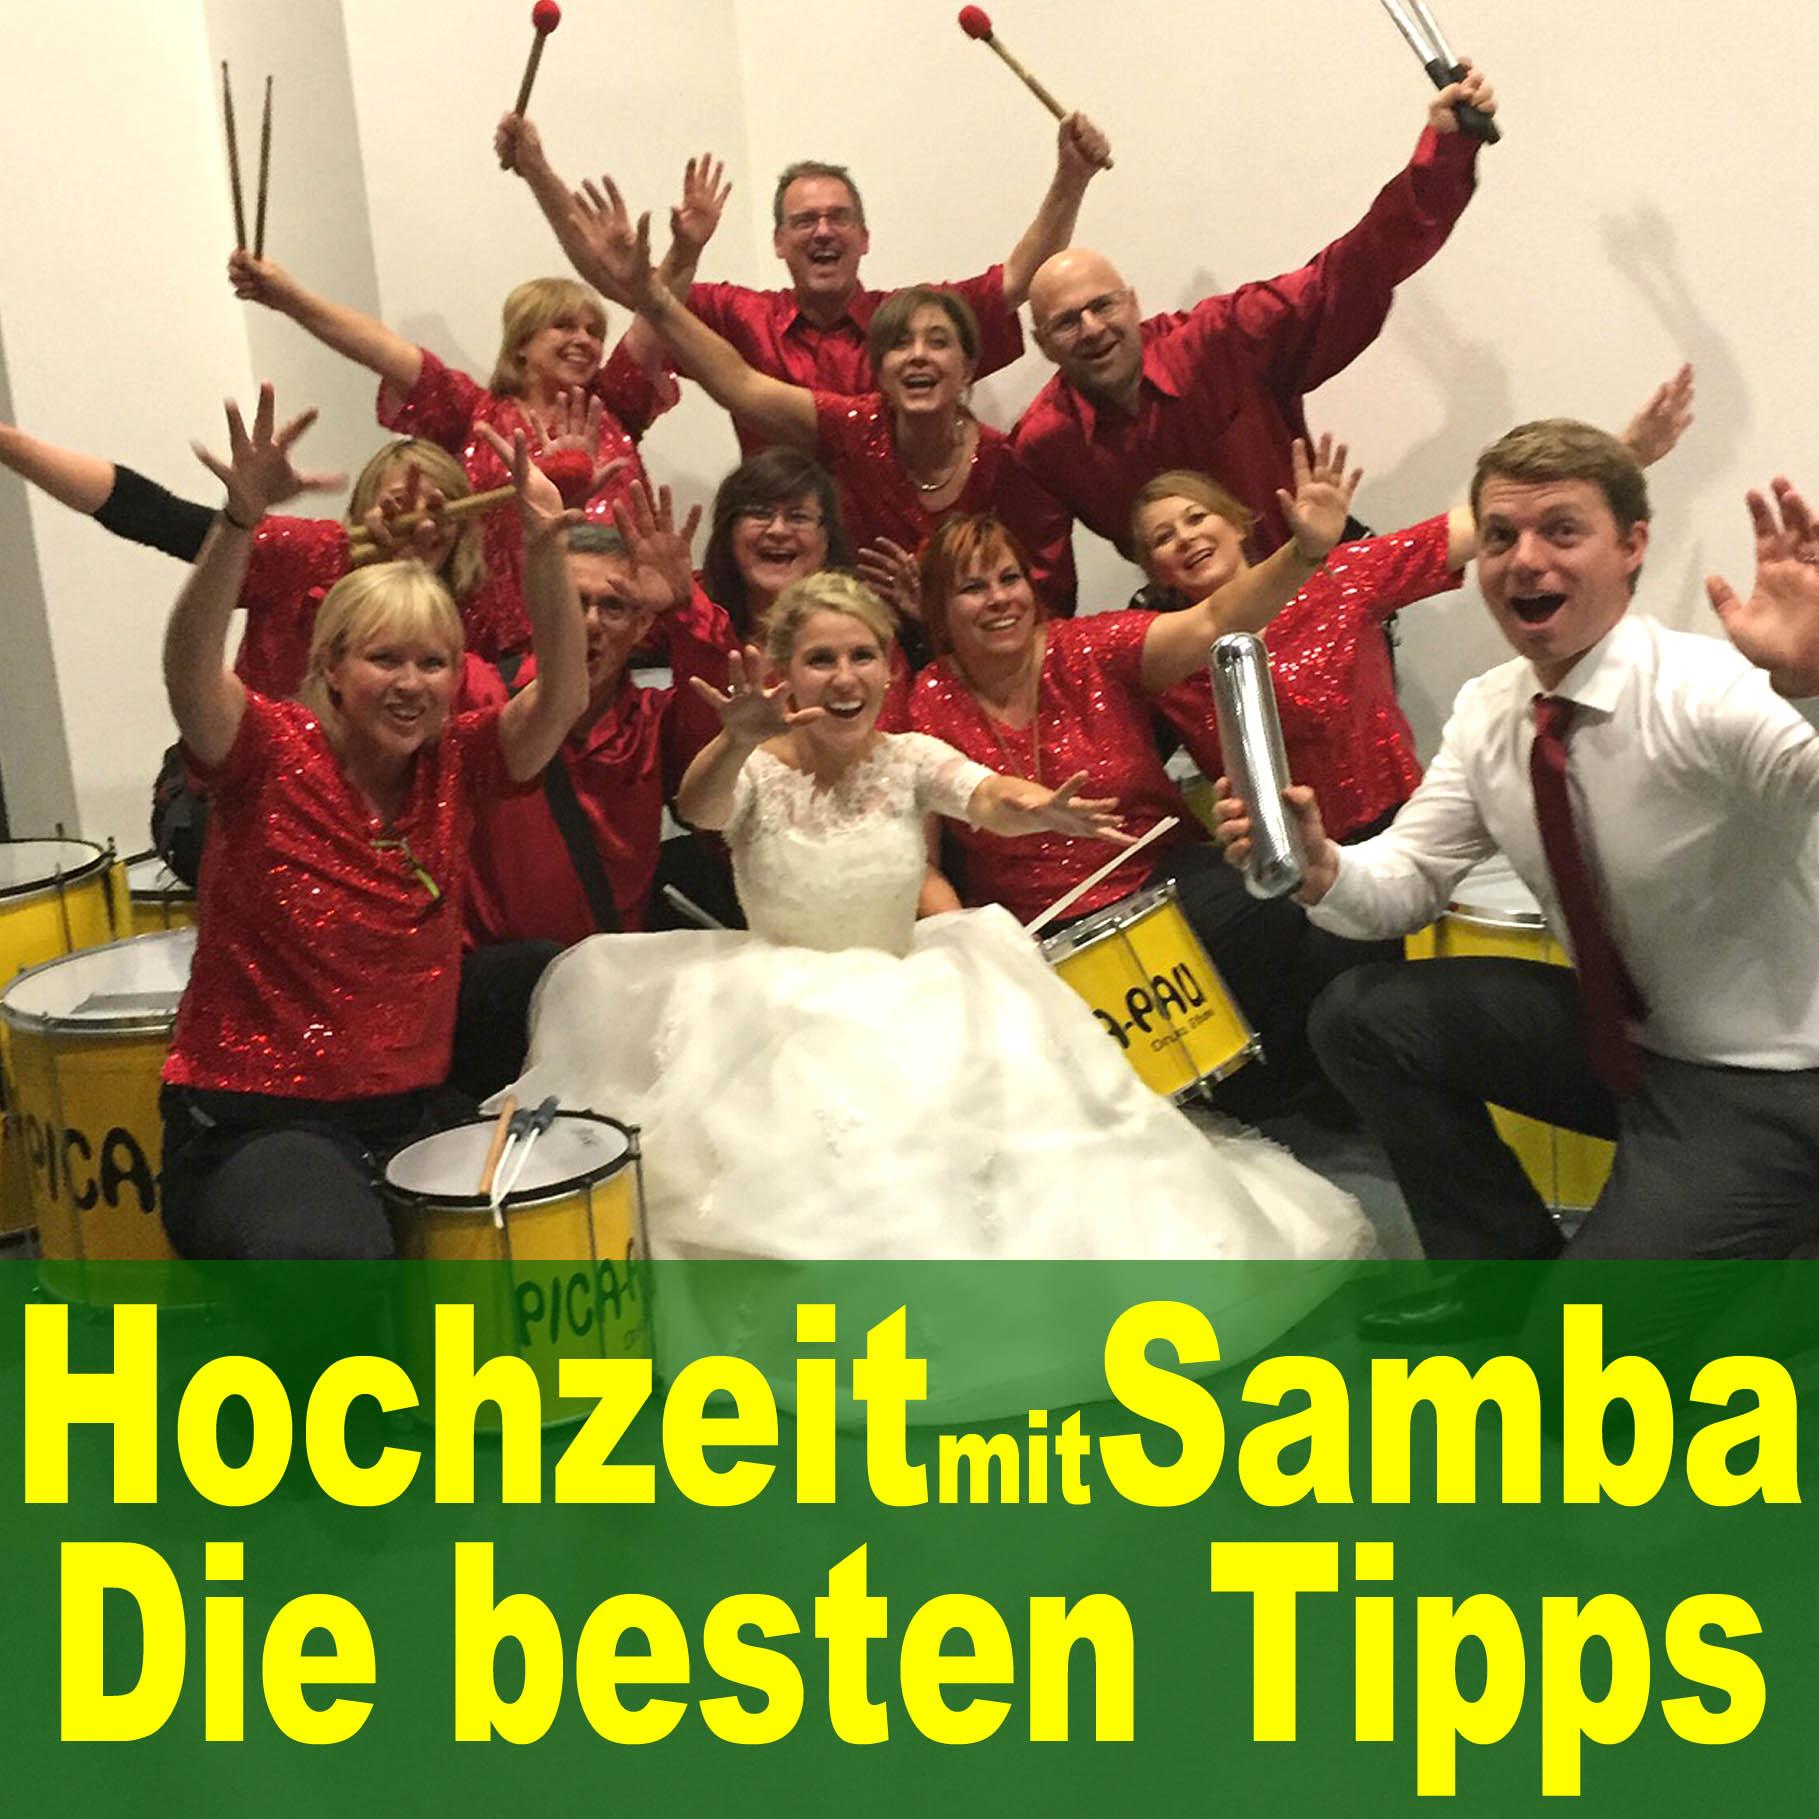 Hochzeit-mit-Samba-Die-besten-Tipps